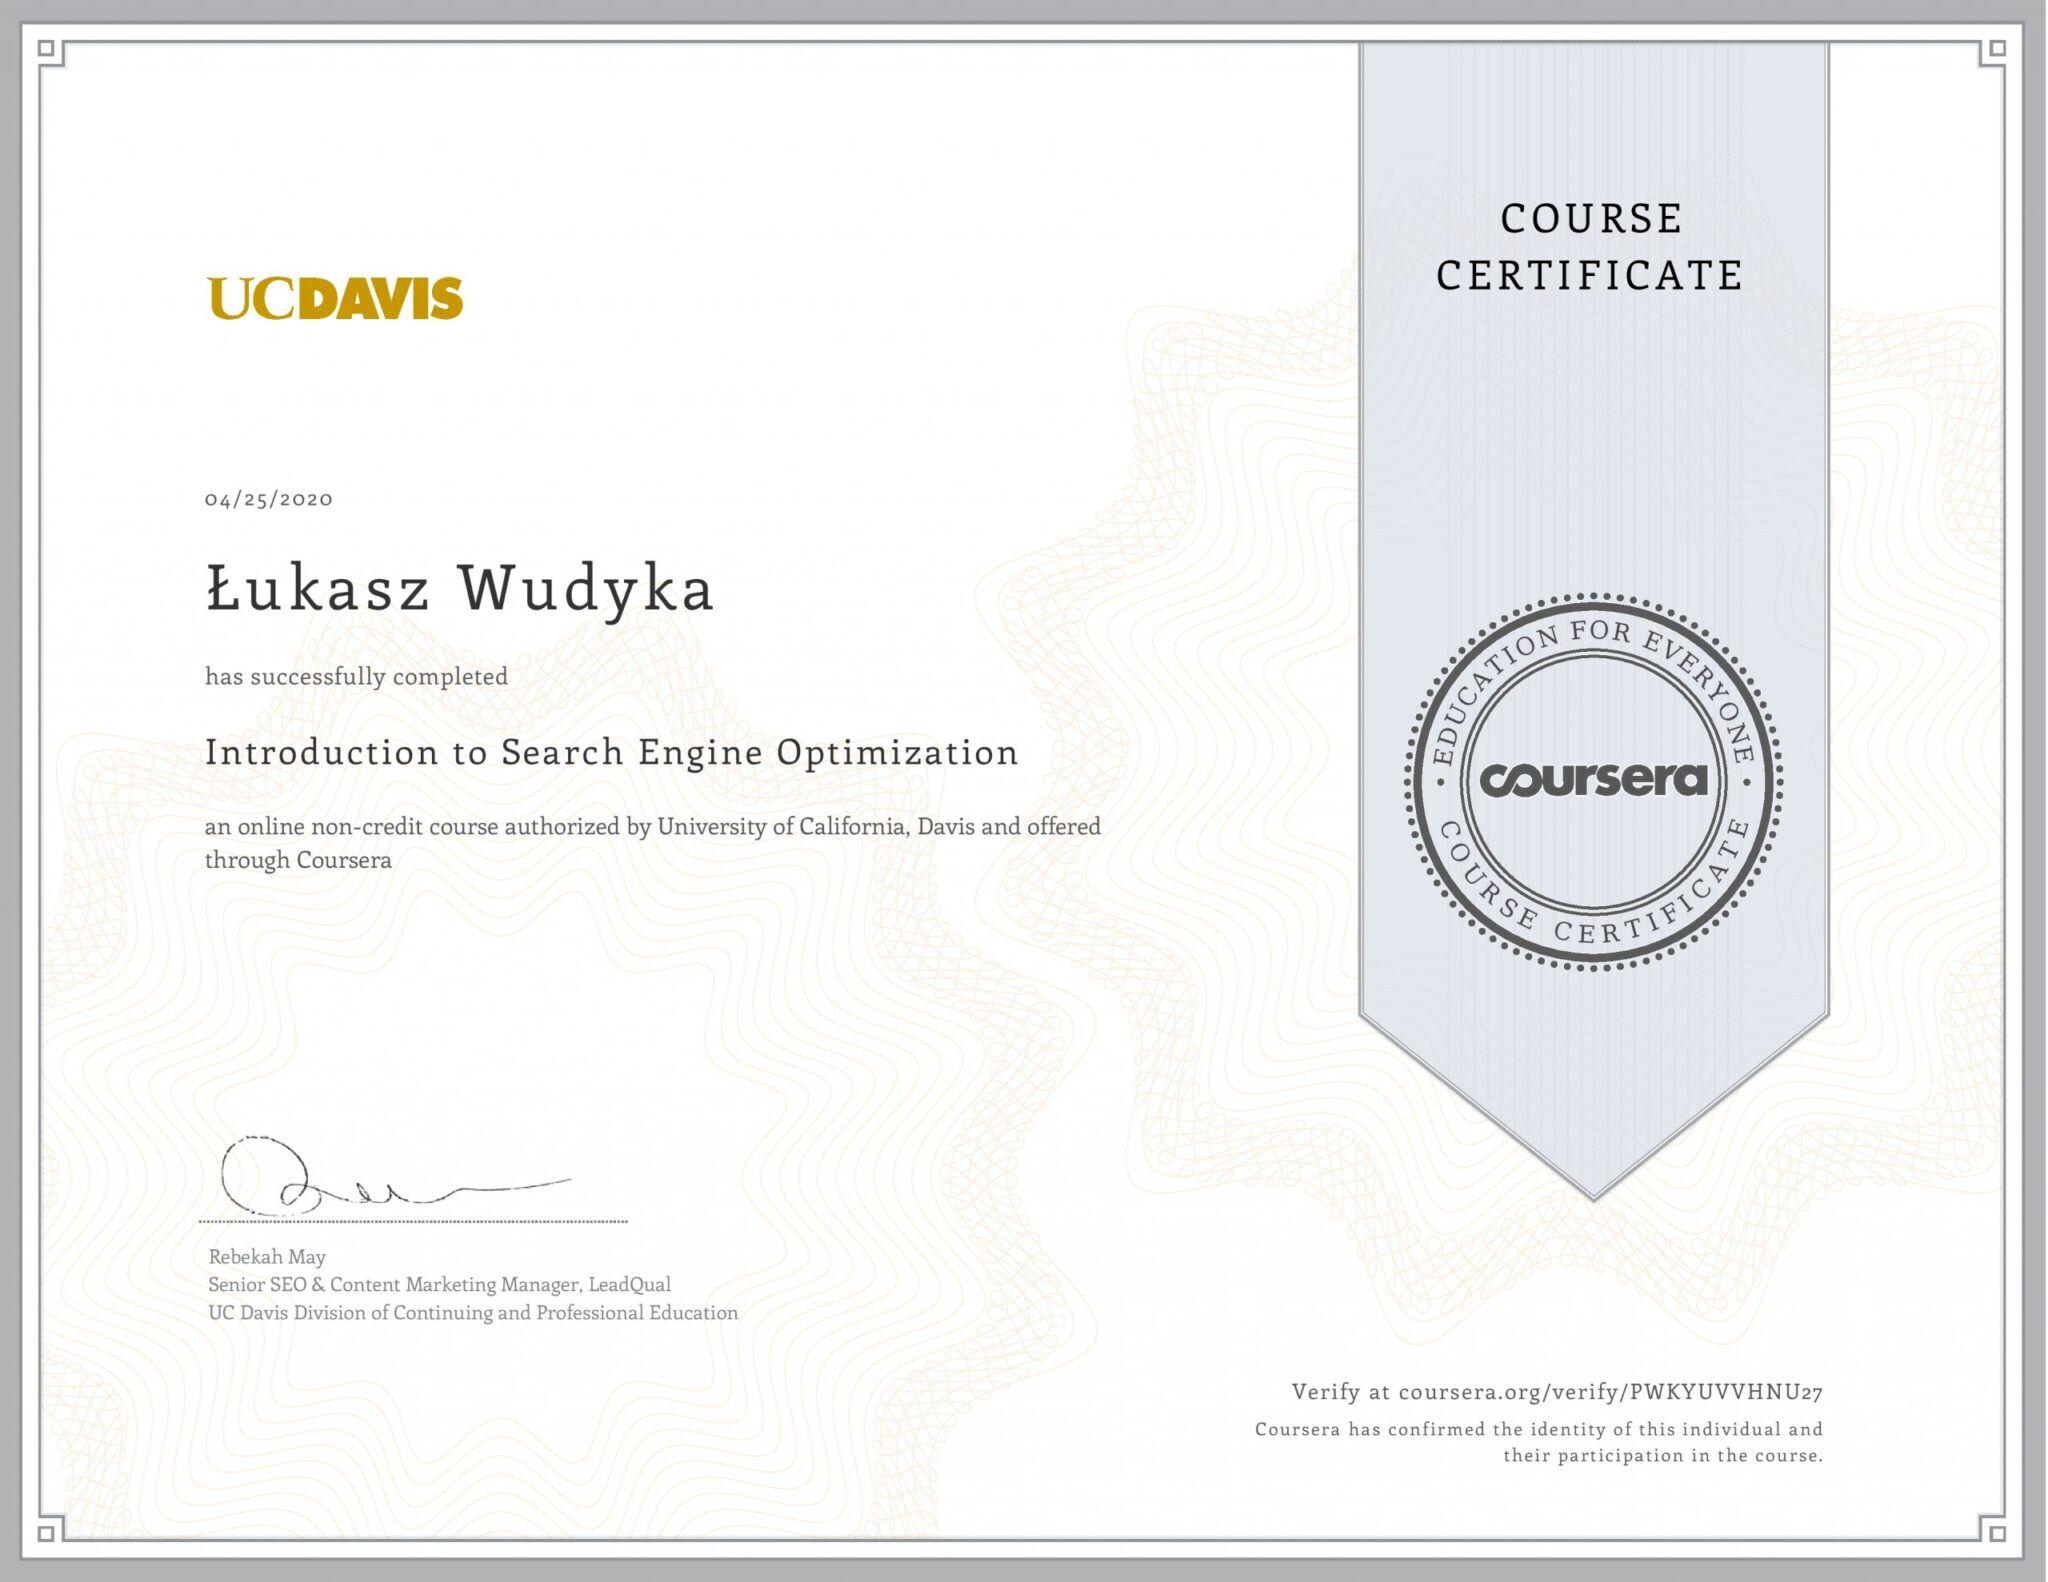 Łukasz Wudyka certyfikat Coursera - Introduction to Search Engine Optimization - UCDAVIS